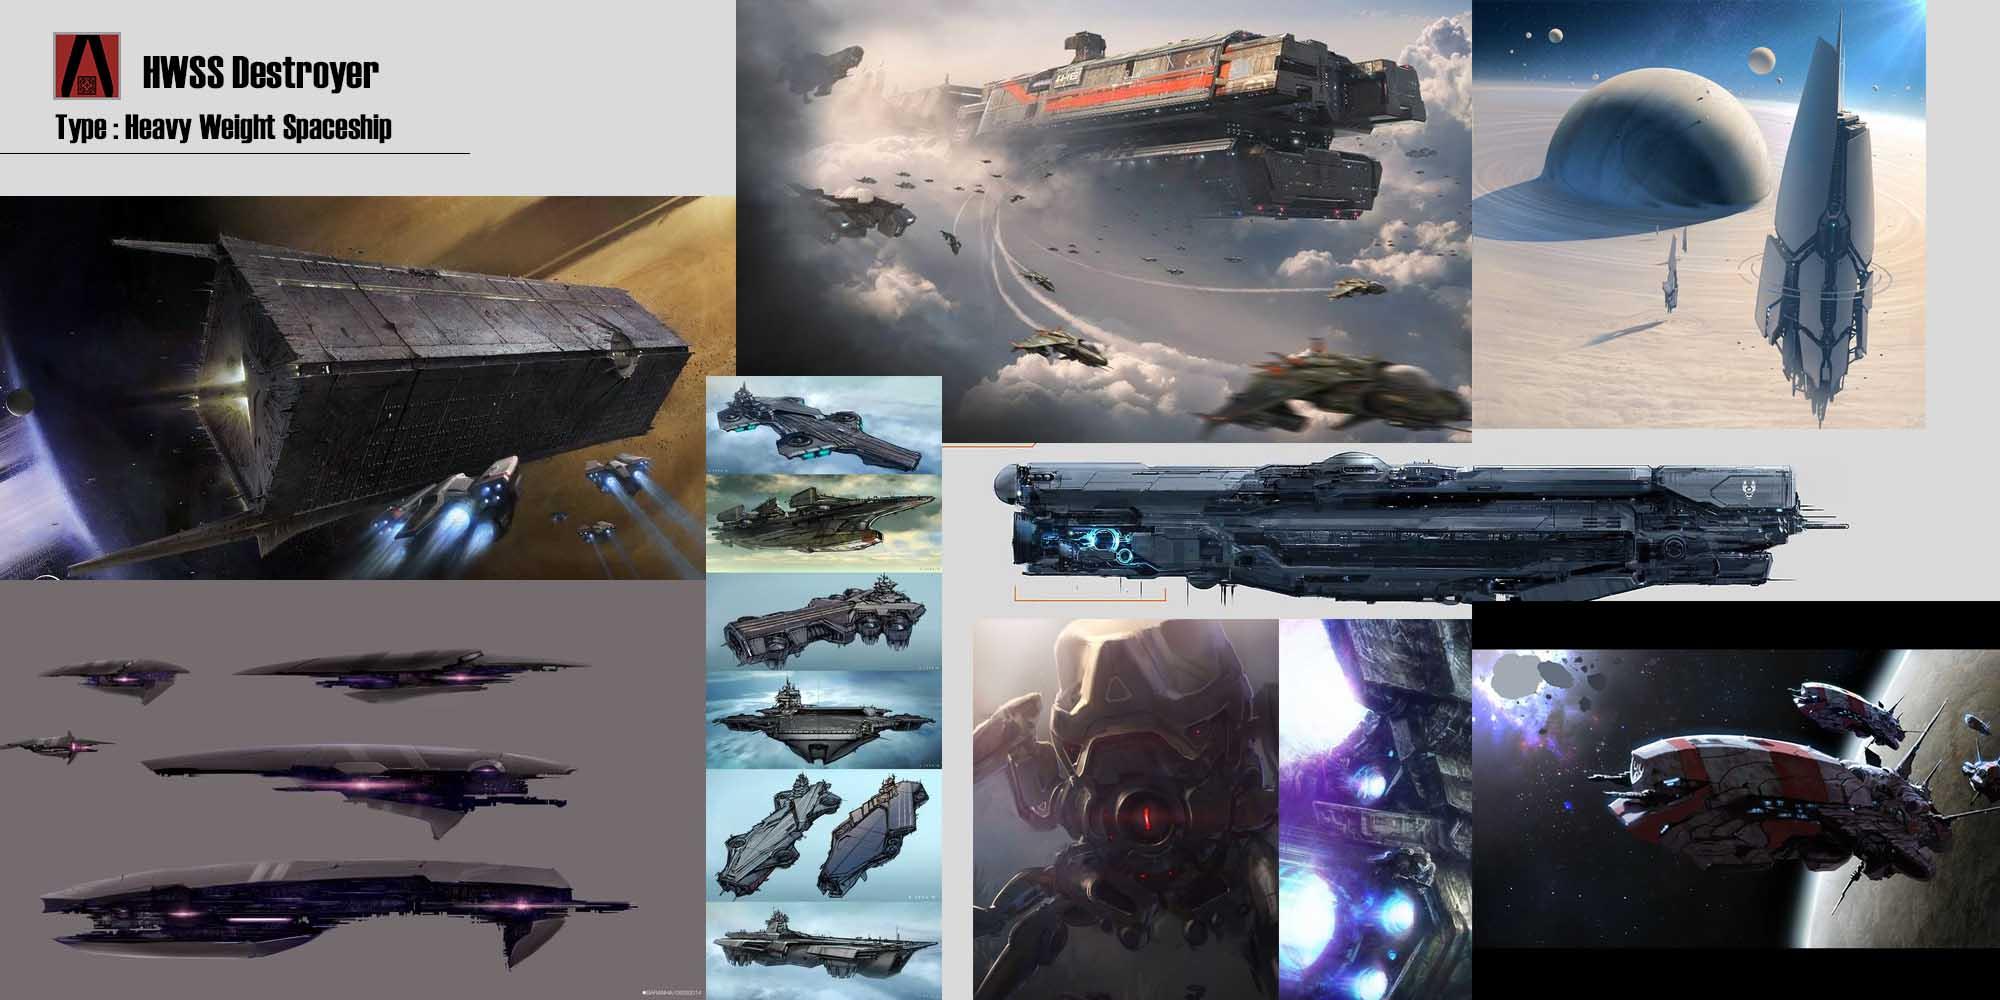 Kitbashing Spaceship Modeling Guide Tips And Tricks - Spaceship design game